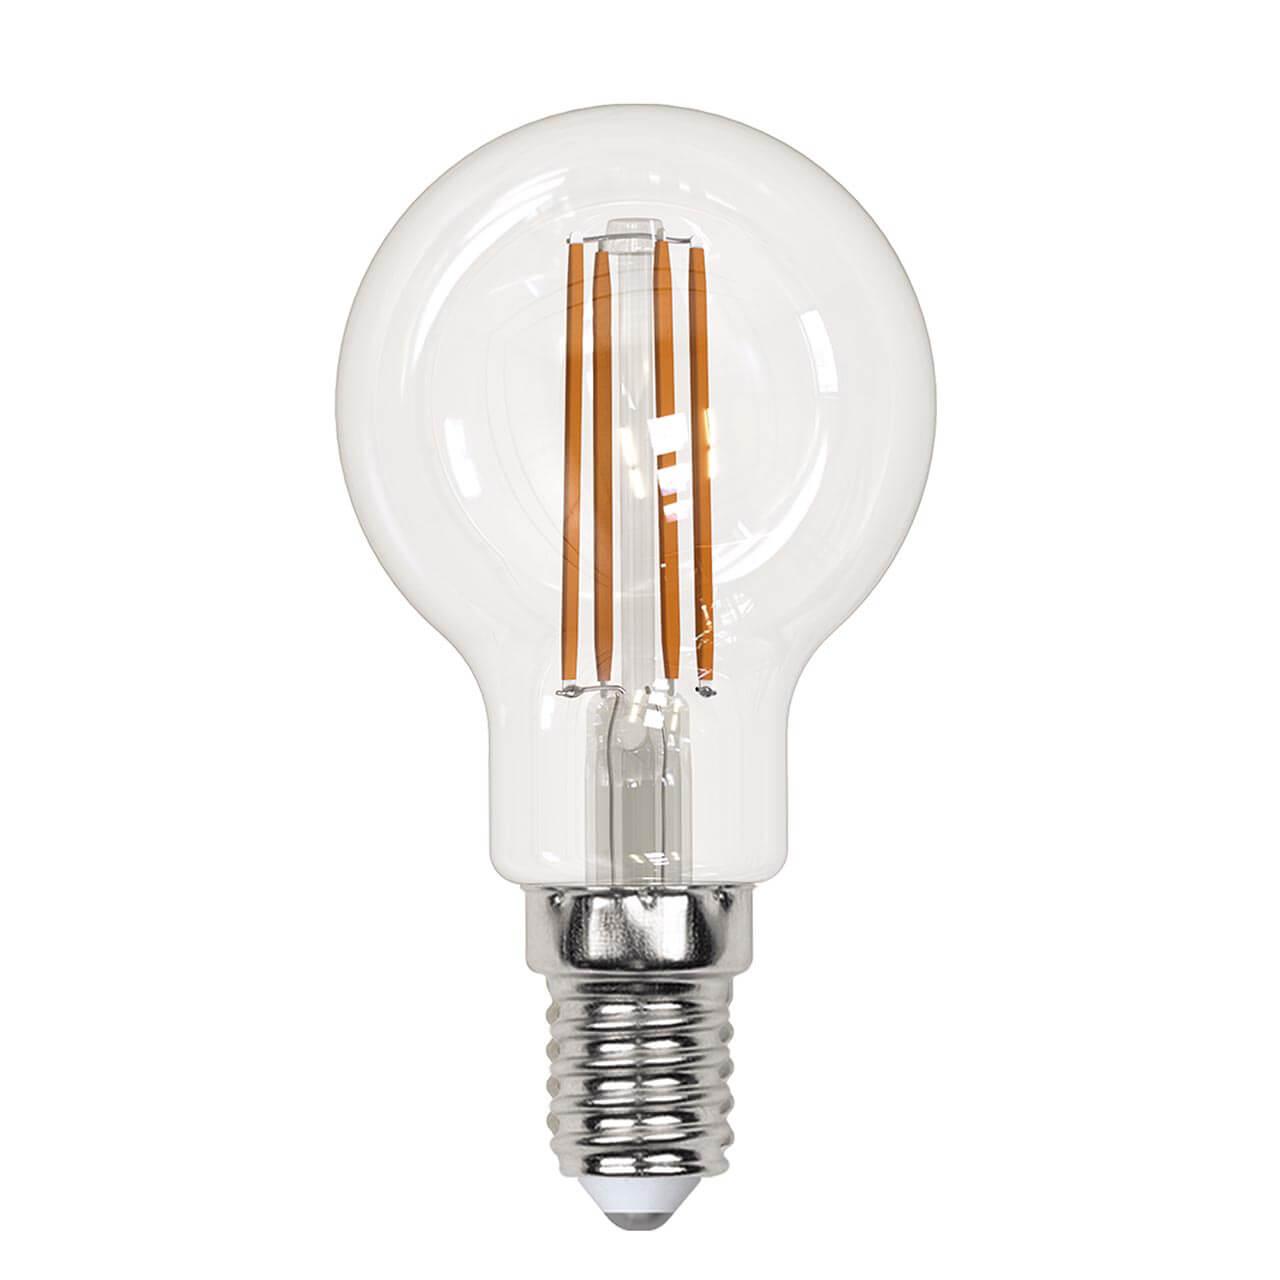 Лампочка Uniel LED-G45-13W/3000K/E14/CL PLS02WH Sky лампочка uniel led g45 9w 3000k e27 cl pls02wh led g45